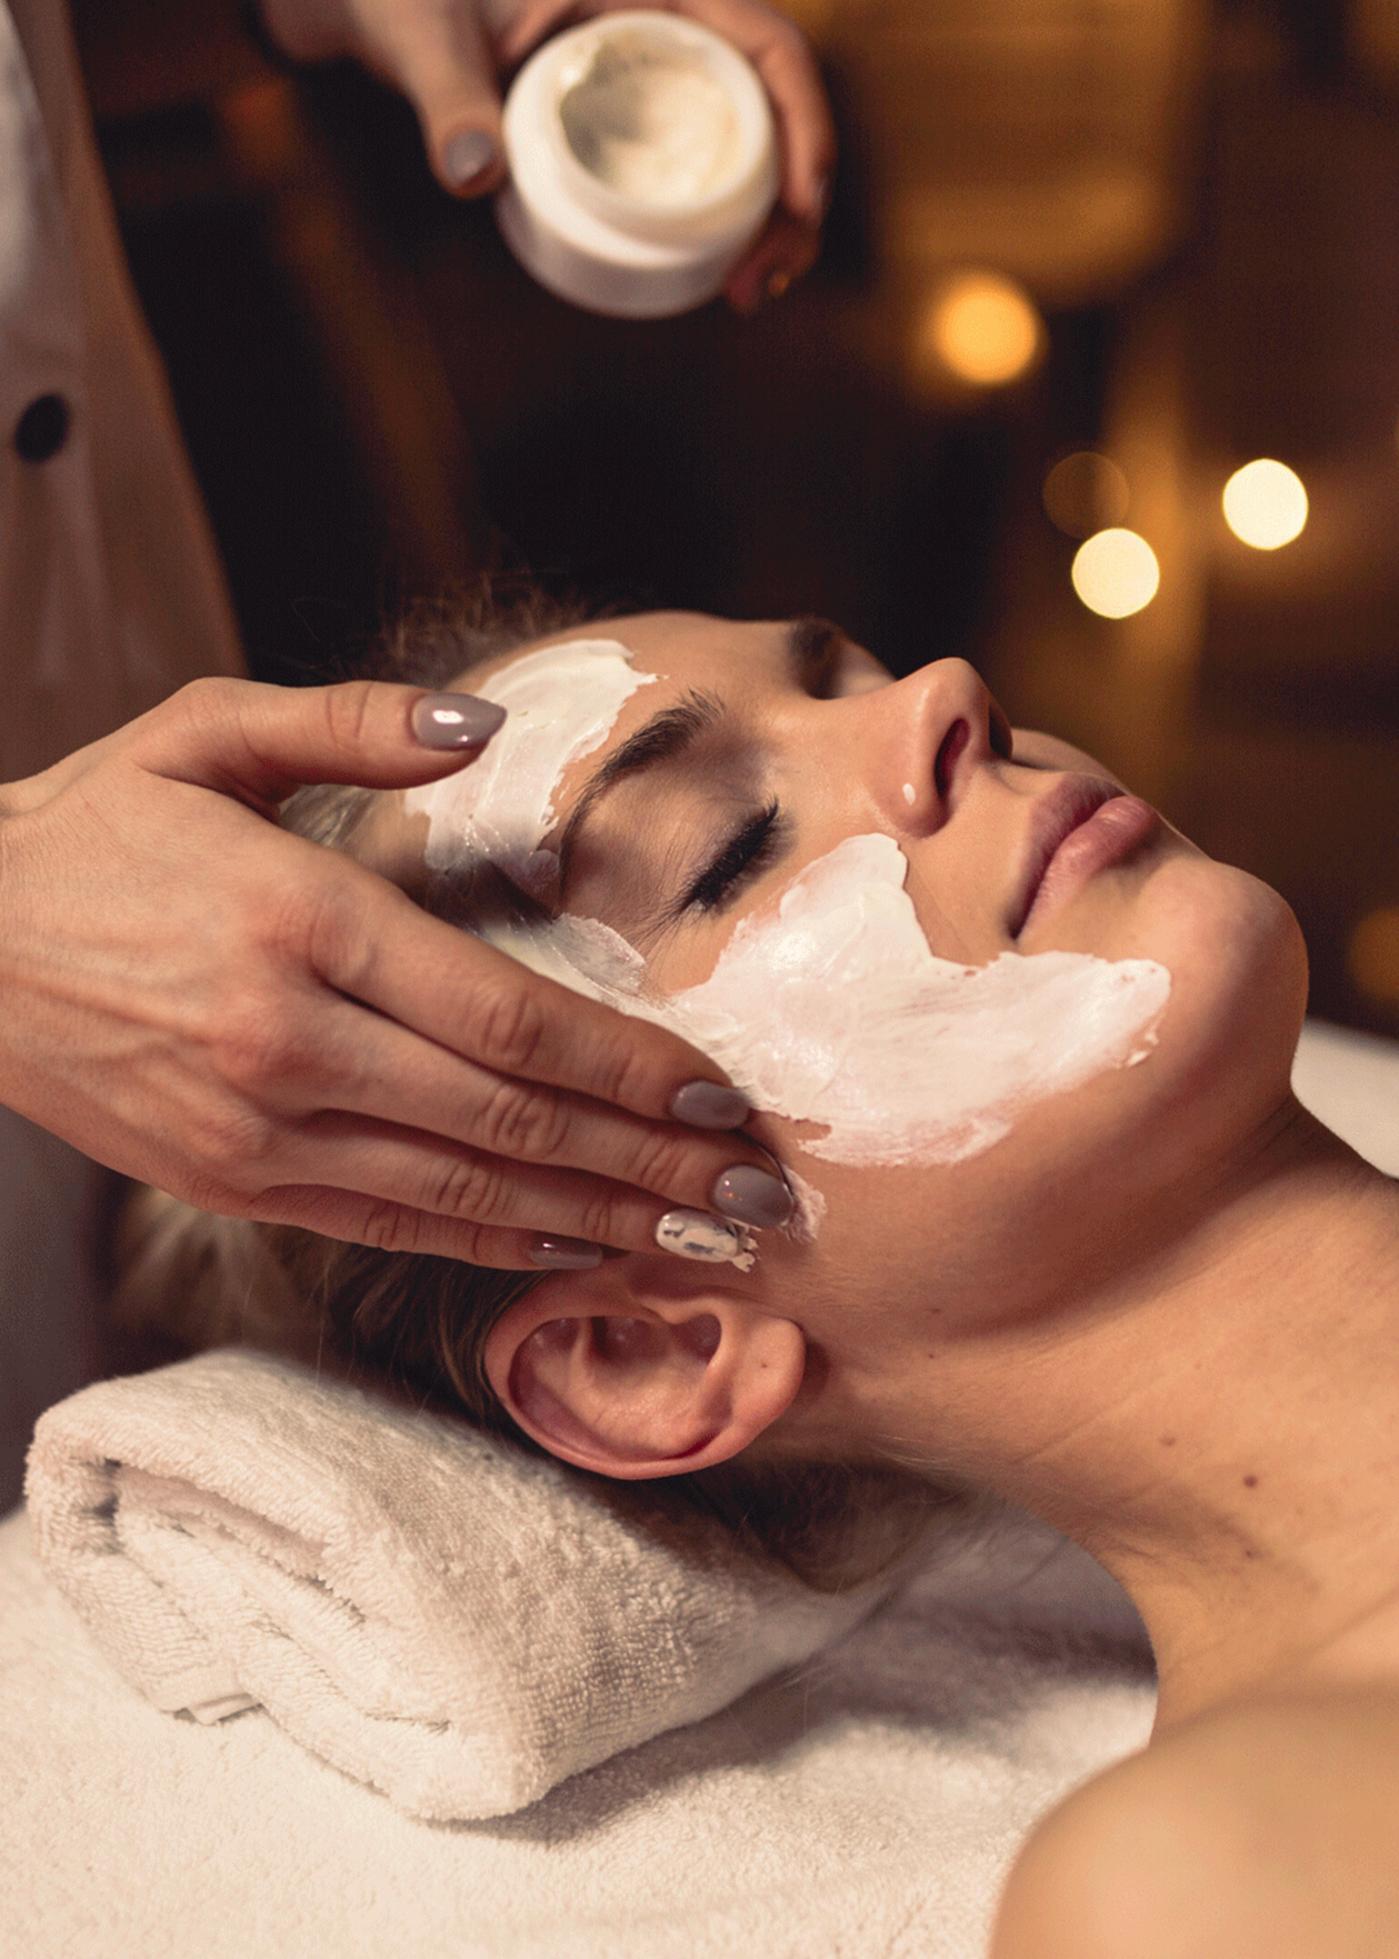 trattamento per la pelle del viso contro borse e occhiaie occhi. La pelle sarà più bella e illuminata